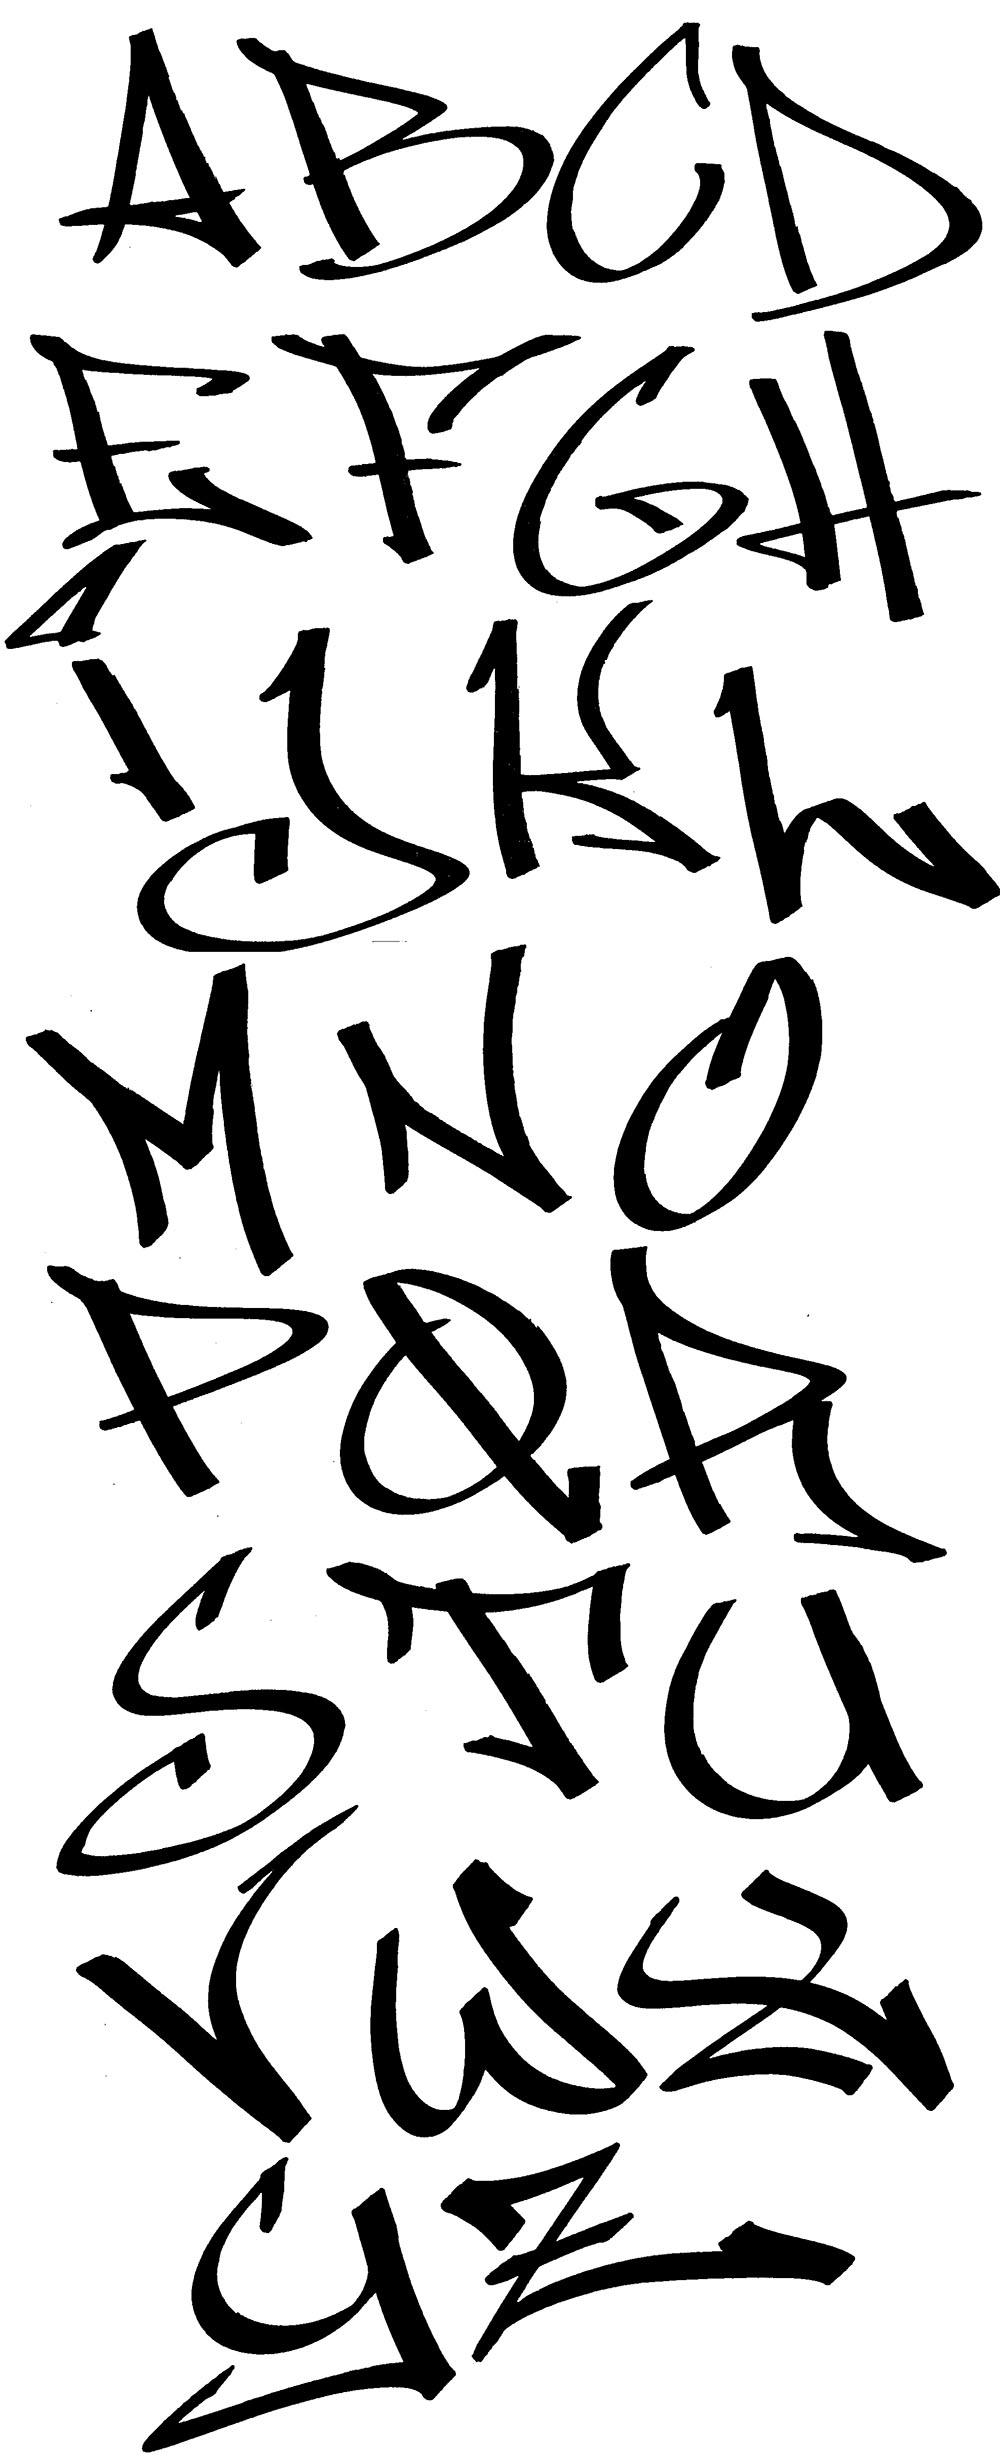 Graffiti Tutorial Taggen Für Anfänger Tag Alphabet Spraybar